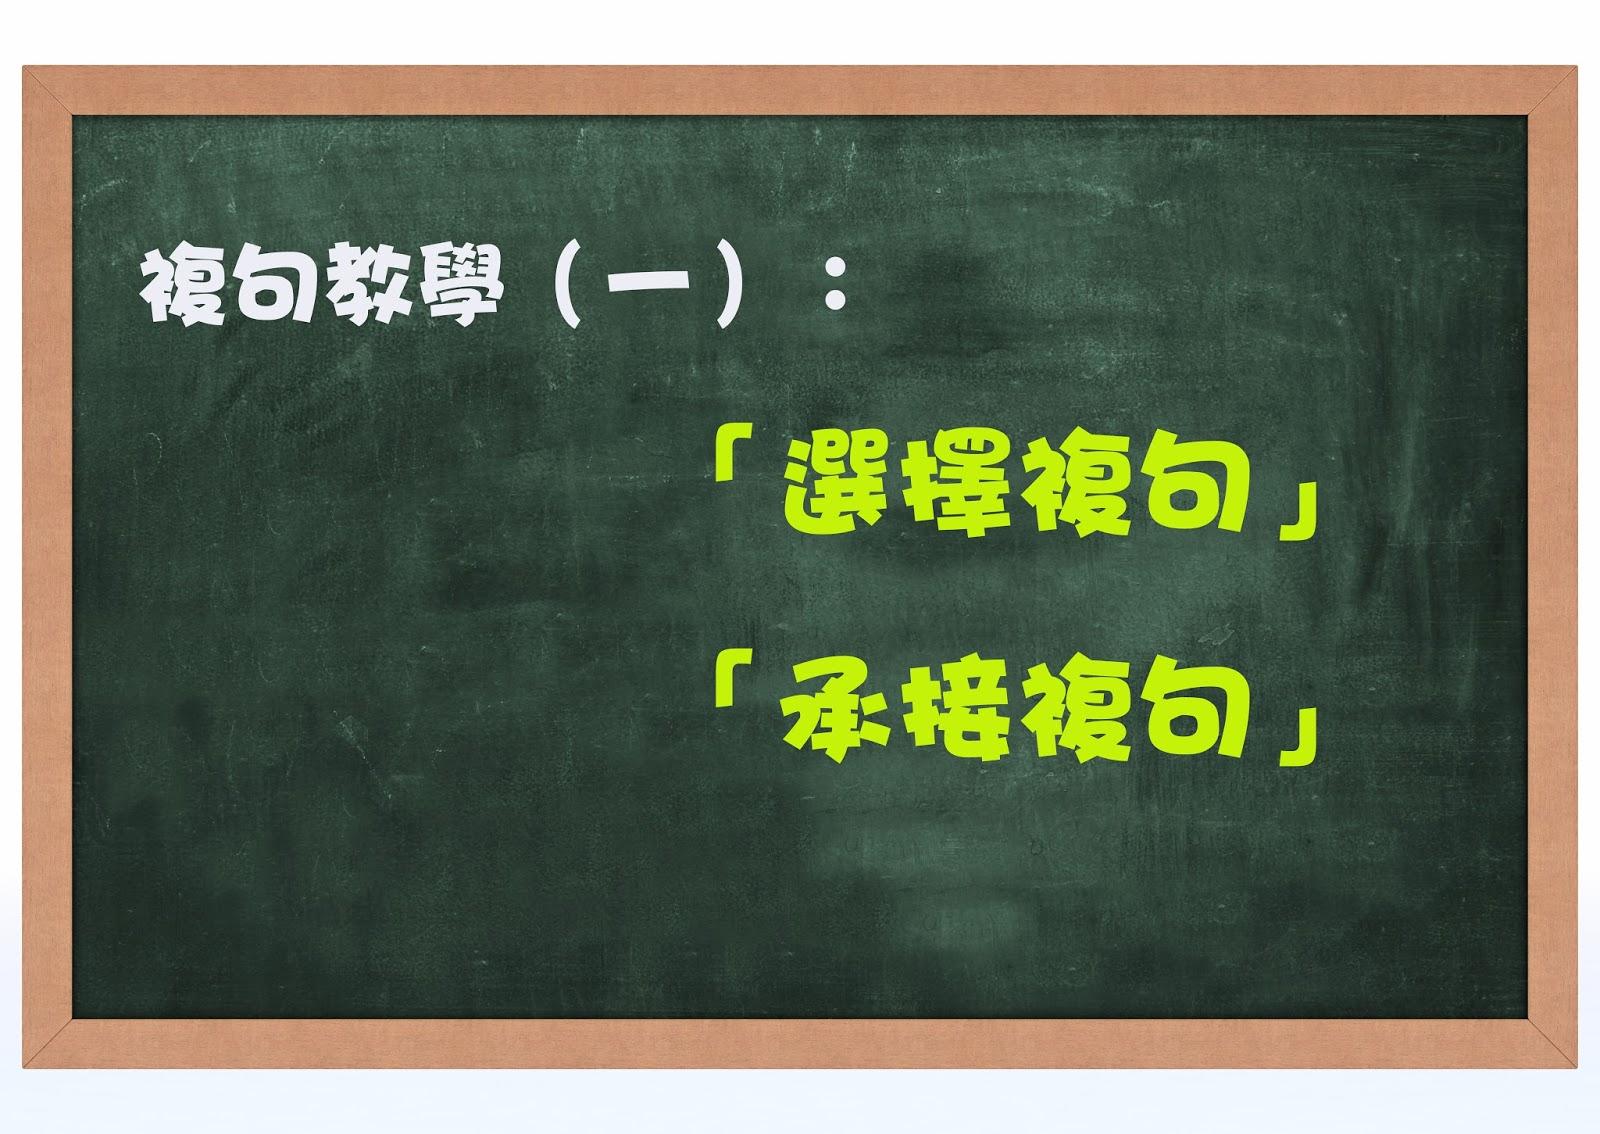 複句教學(一):「選擇複句」、「承接複句」|寫作教室|尤莉姐姐的反轉學堂